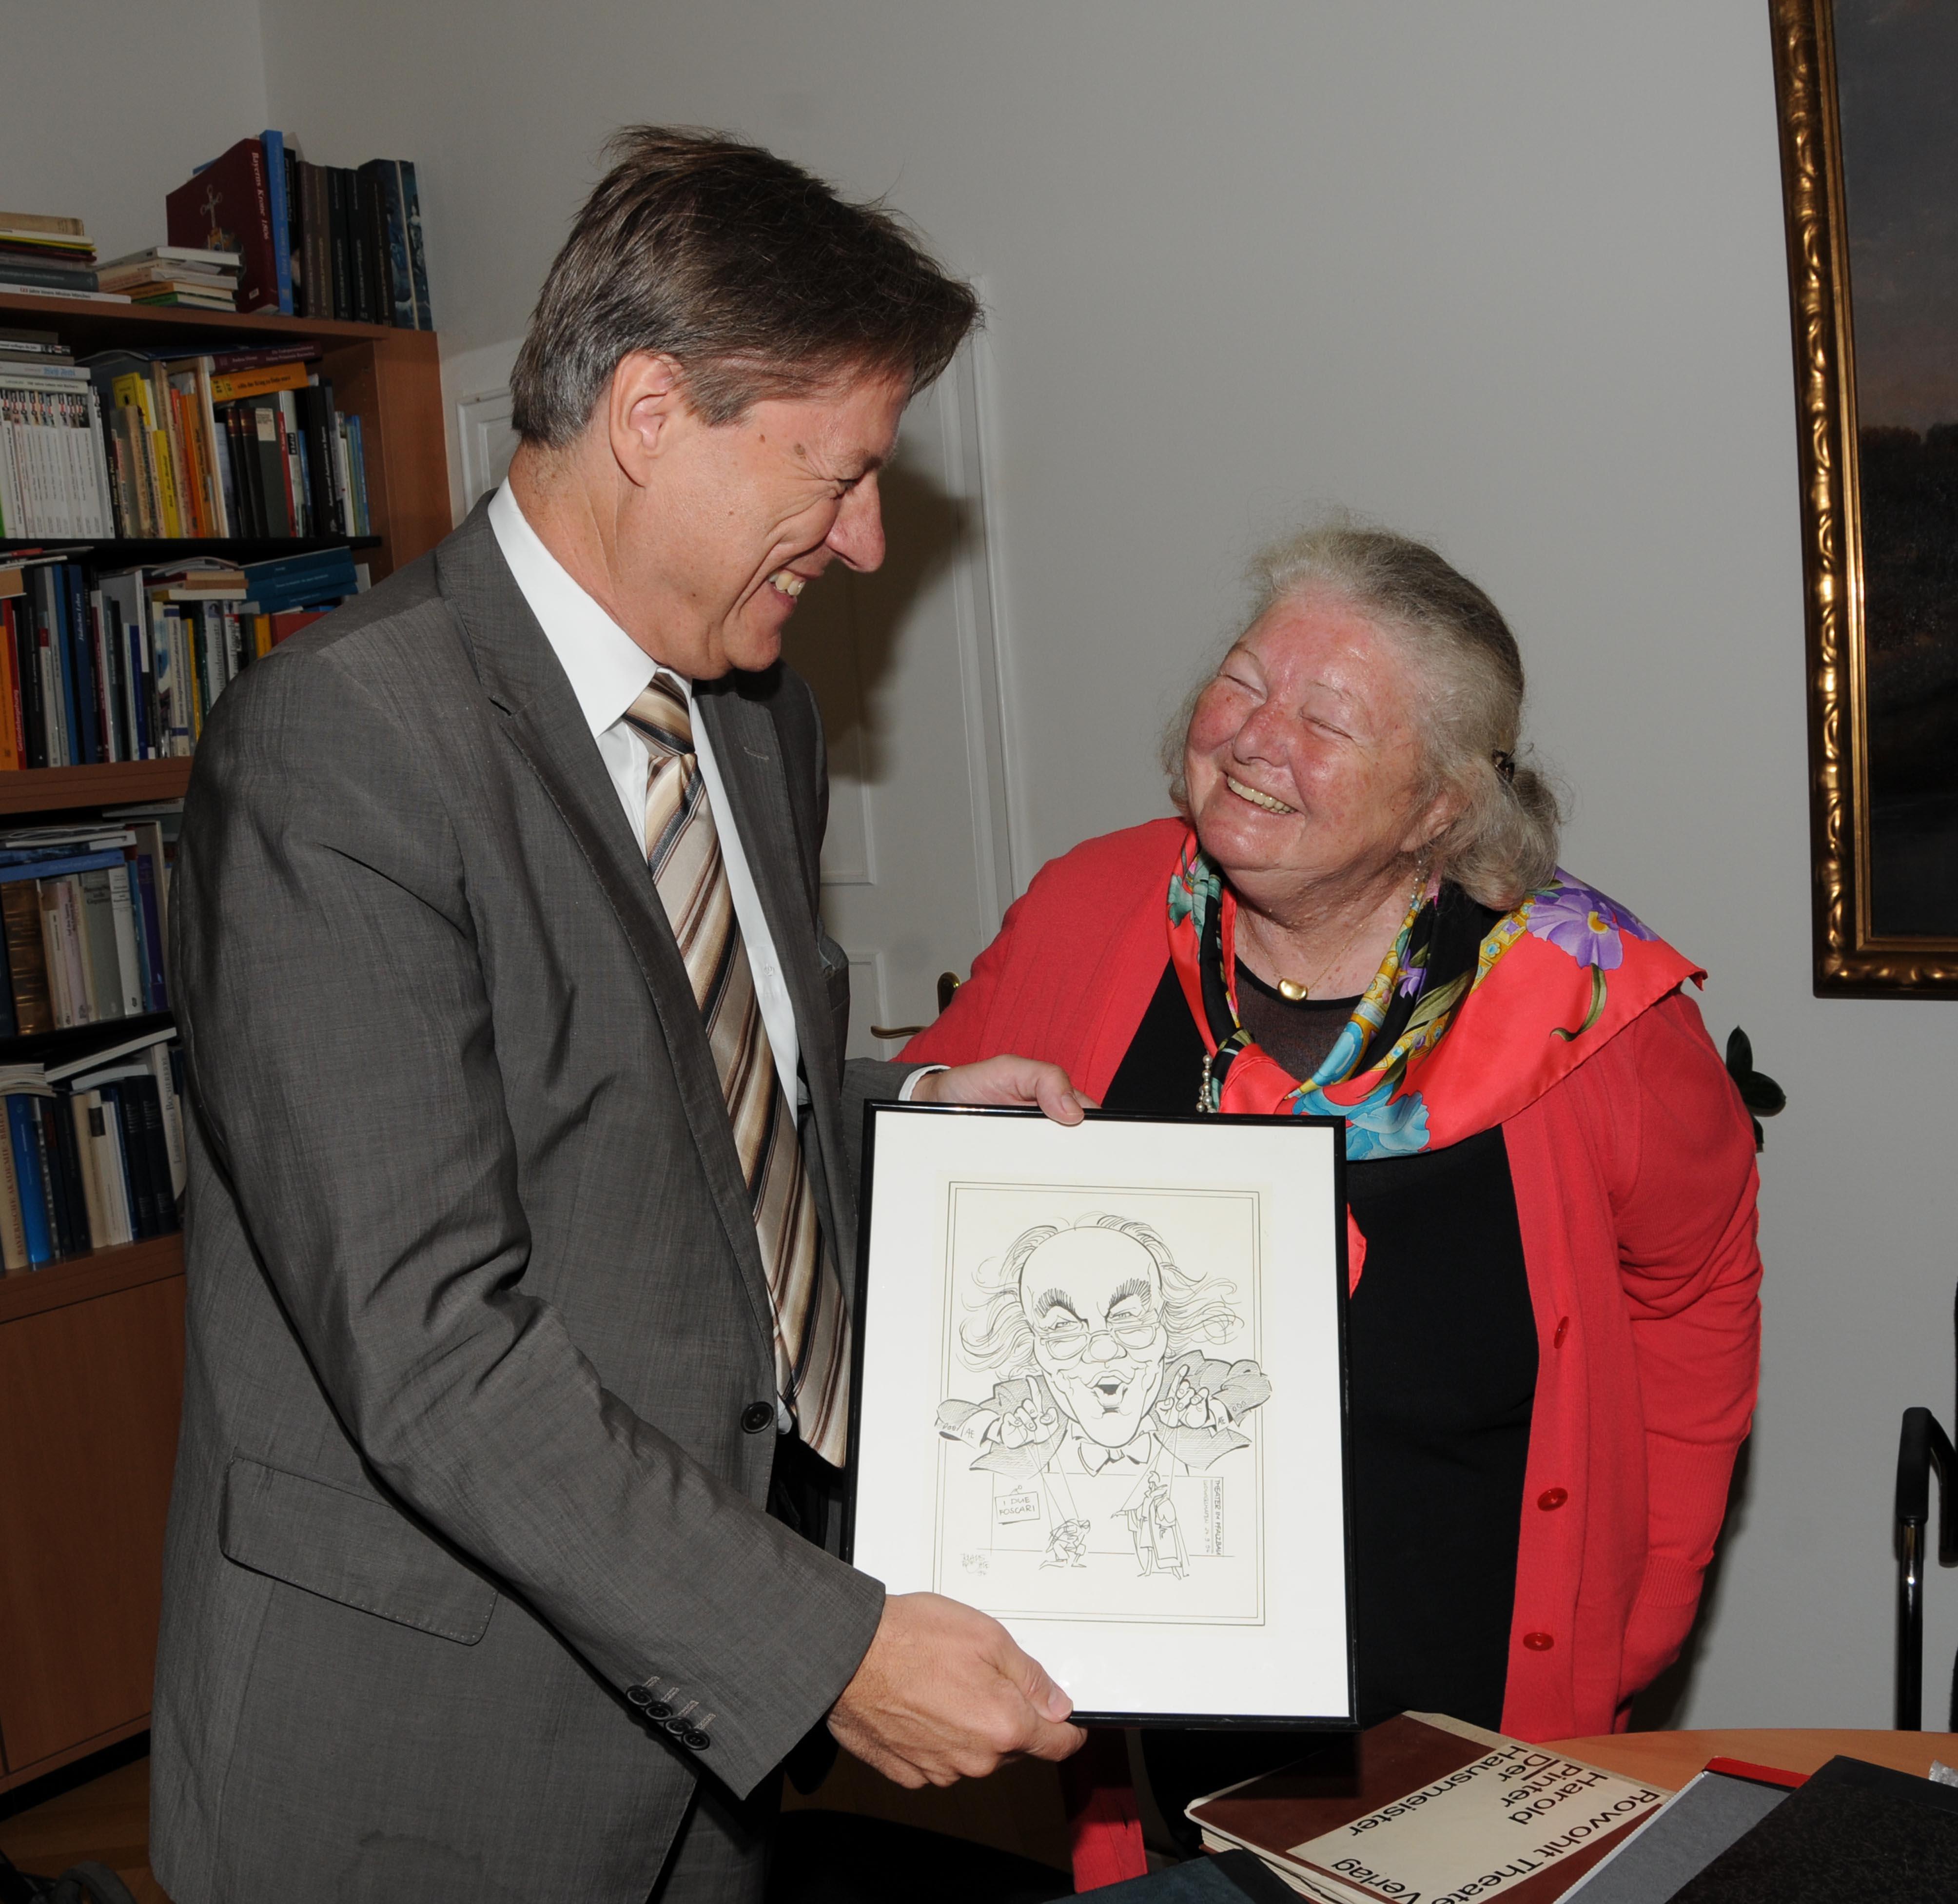 Foto: Dr. Gustava Everding und Dr. Michael Stephan, Leiter des Stadtarchivs, bei der Übergabe des Nachlasses von August Everding (1928–1999)